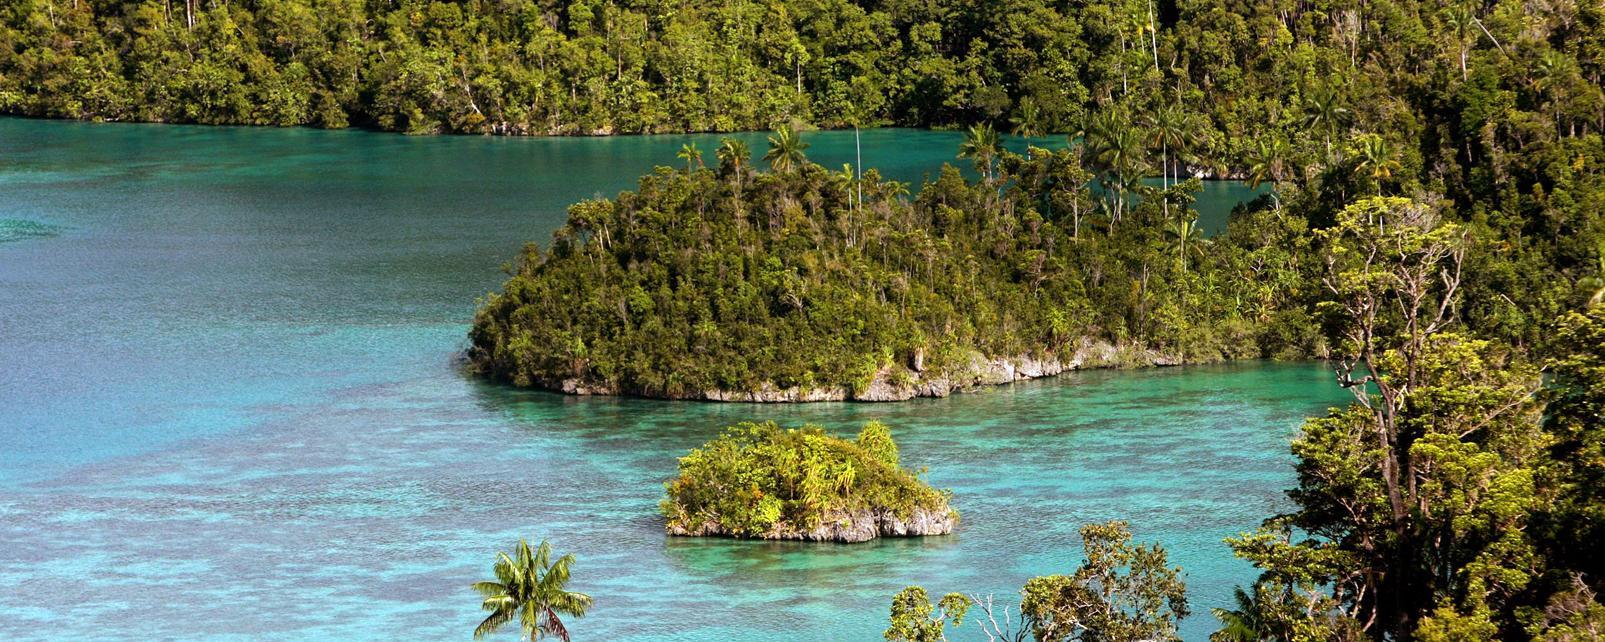 Asie, Indonésie, Papouasie occidentale, Rajat Ampat,